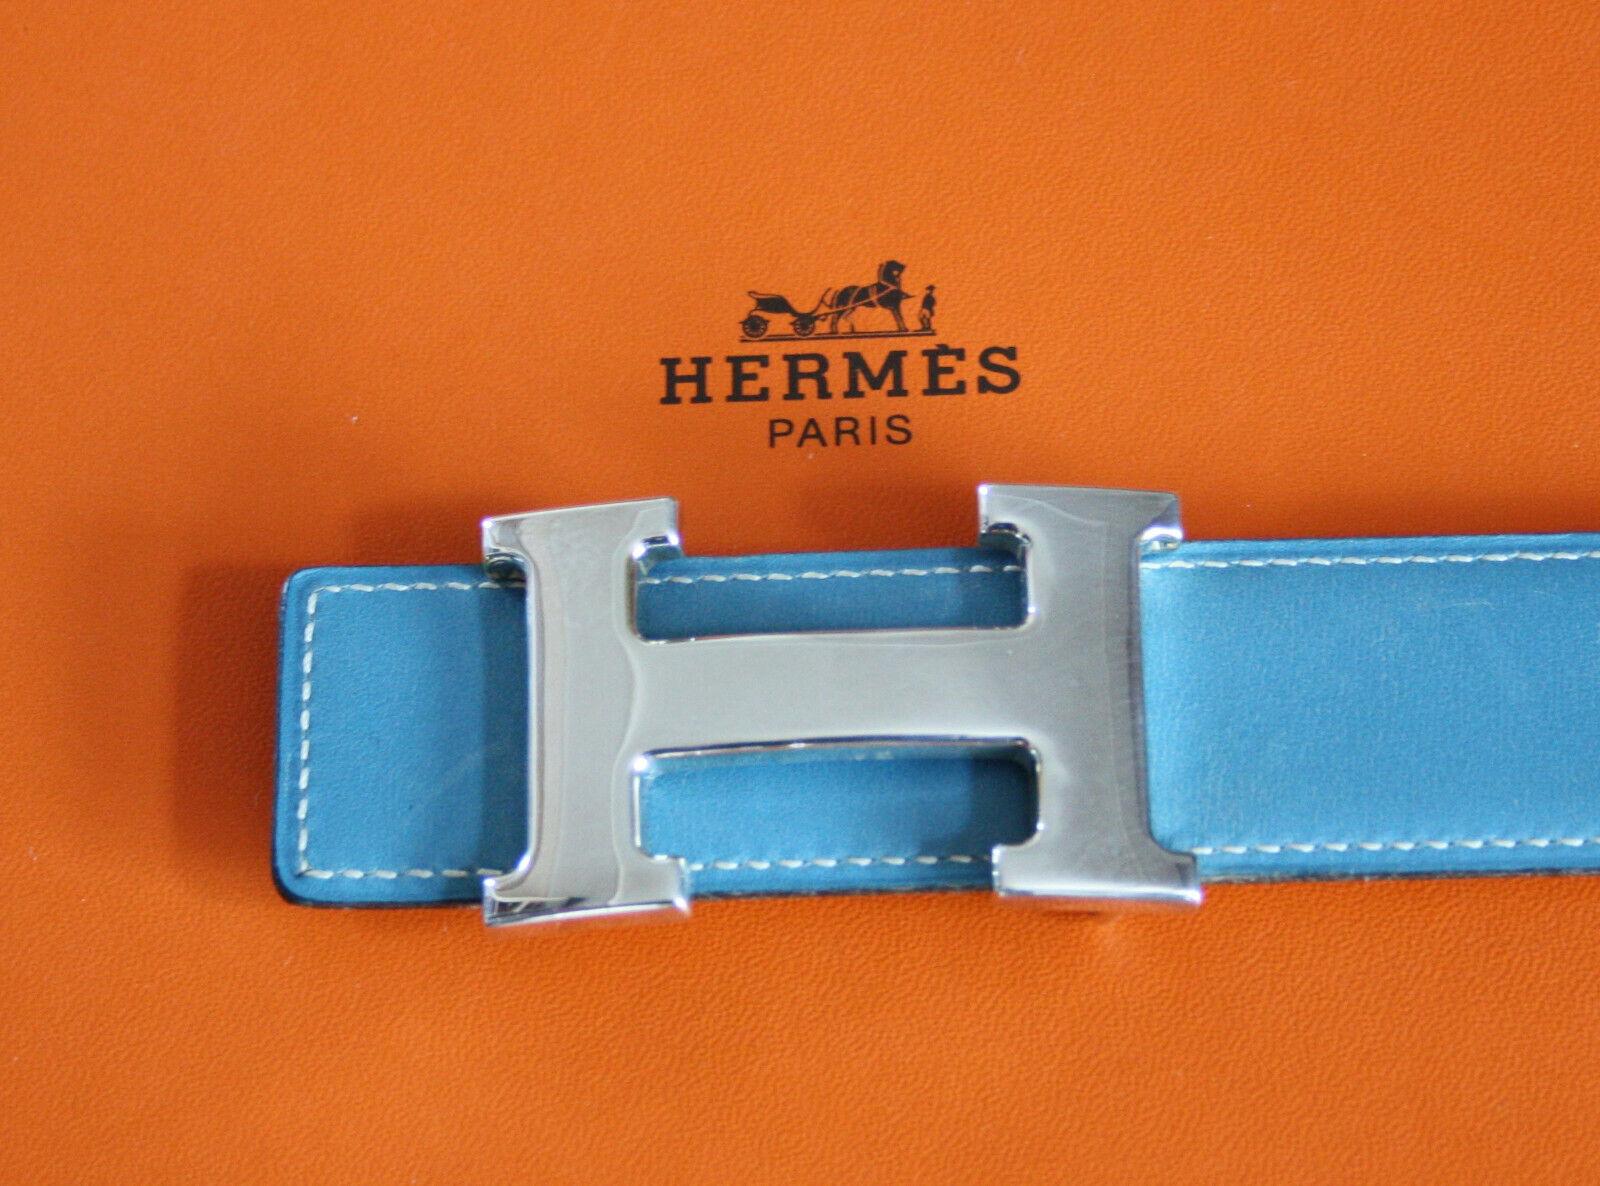 HERMÈS GÜRTEL 32mm MIT SILBERNER HERMES SCHNALLE - Größe: 78 - 100% ORIGINALWARE